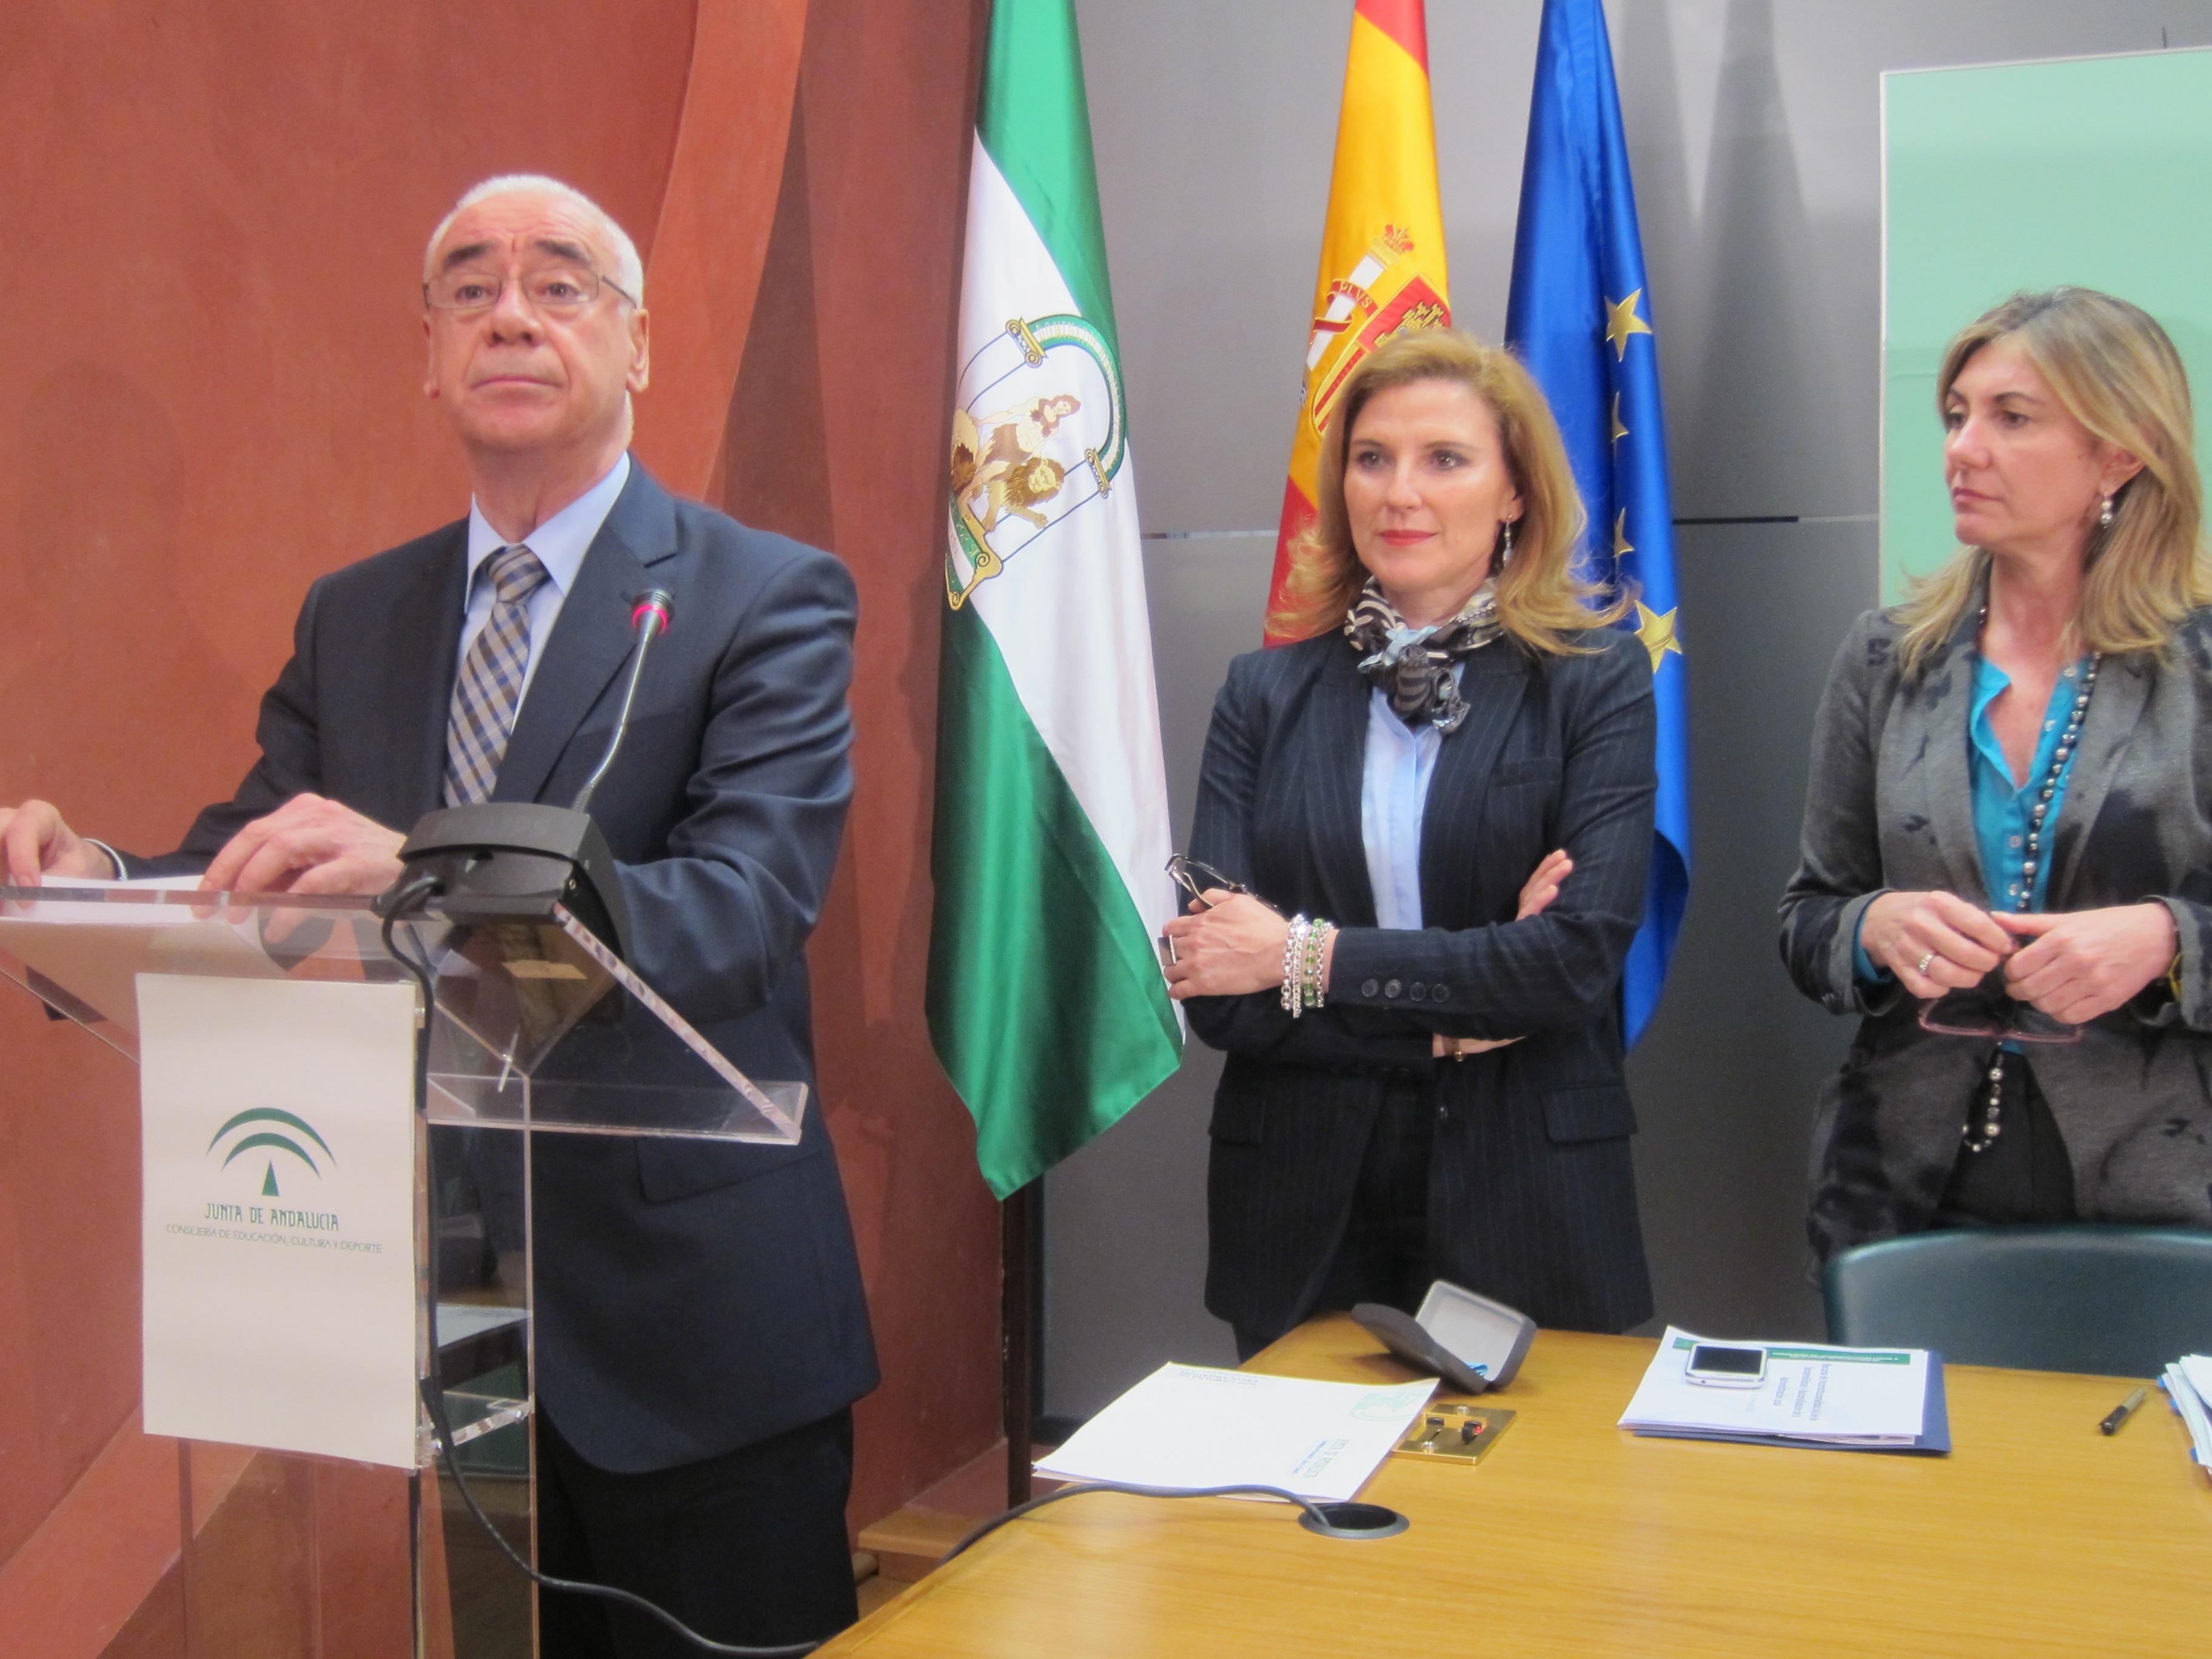 El consejero de Educación de la Junta, Luciano Alonso